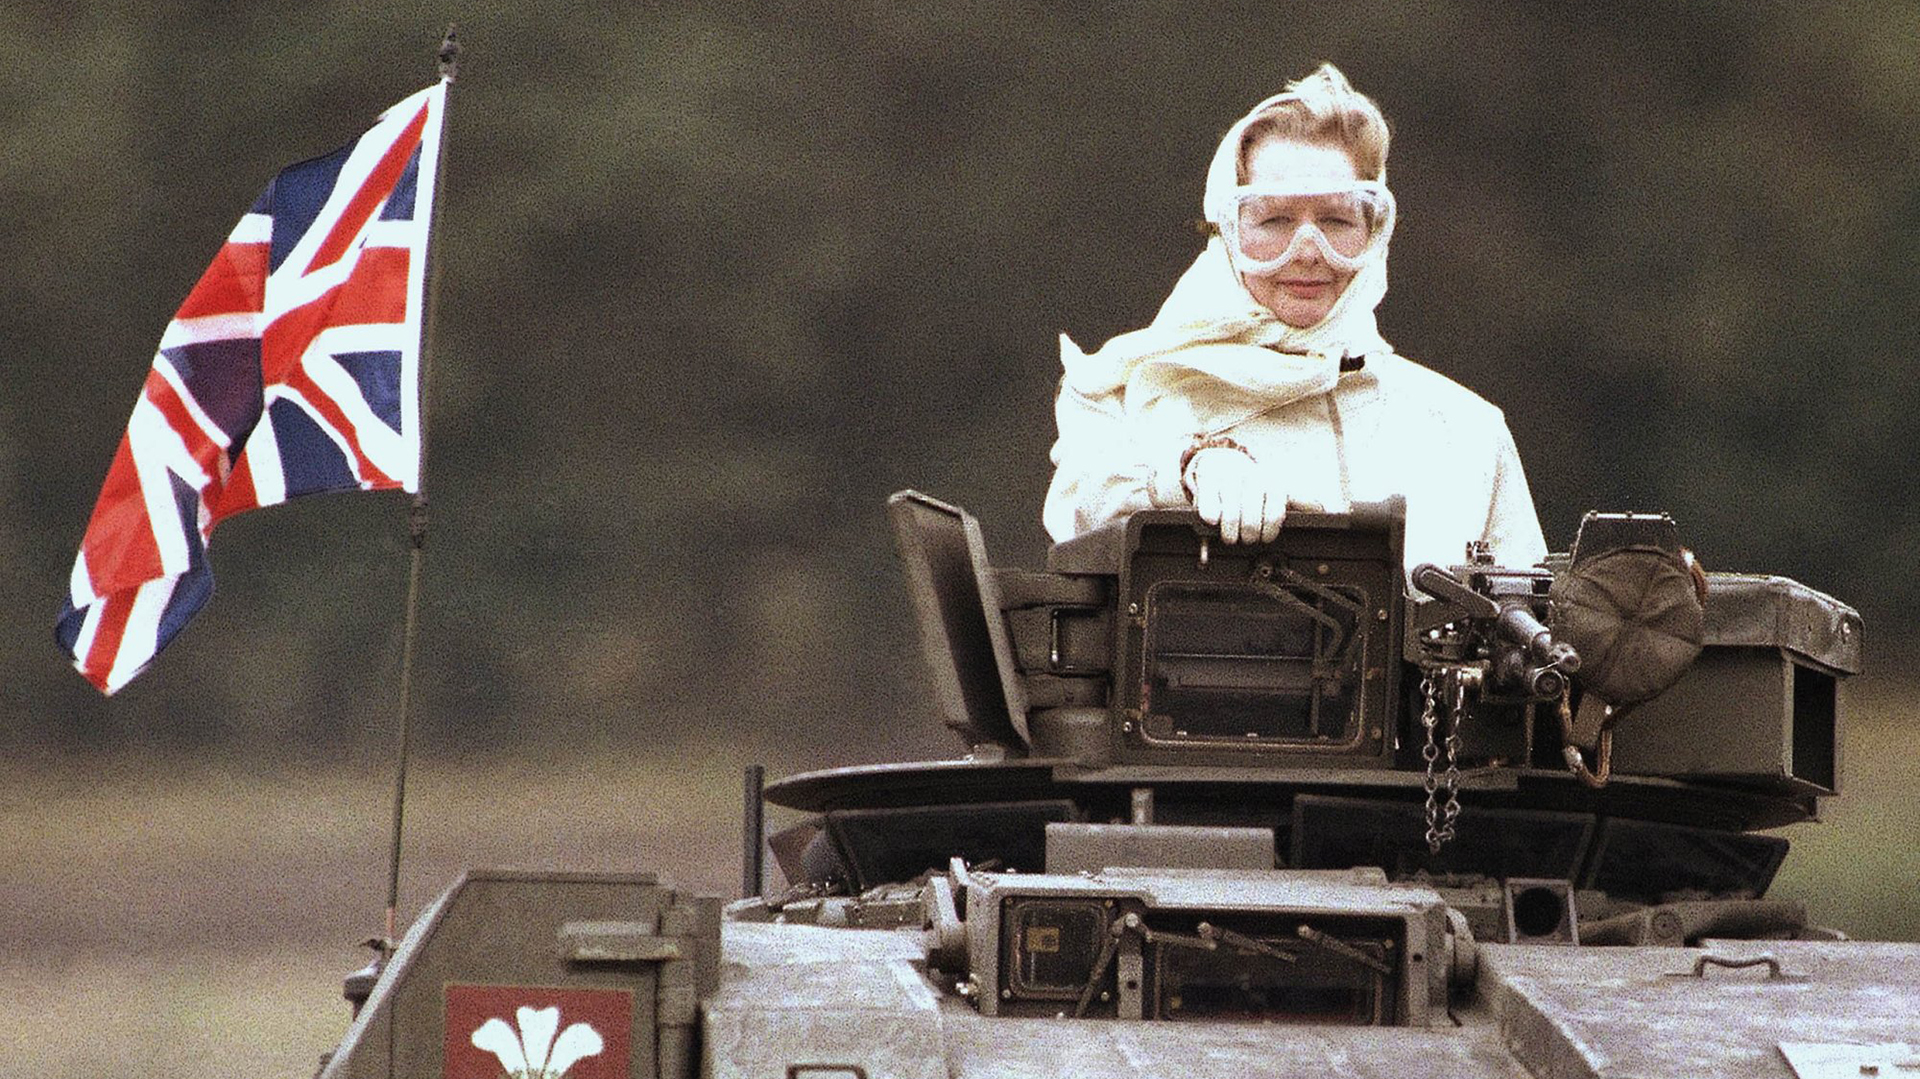 """La Primer Ministro británica Margaret Thachter, conocida como """"La Dama de Hierro"""", estuvo en el poder entre 1979 y 1990. La imagen fue tomada durante una visita a una base militar después dela guerra (AFP)"""